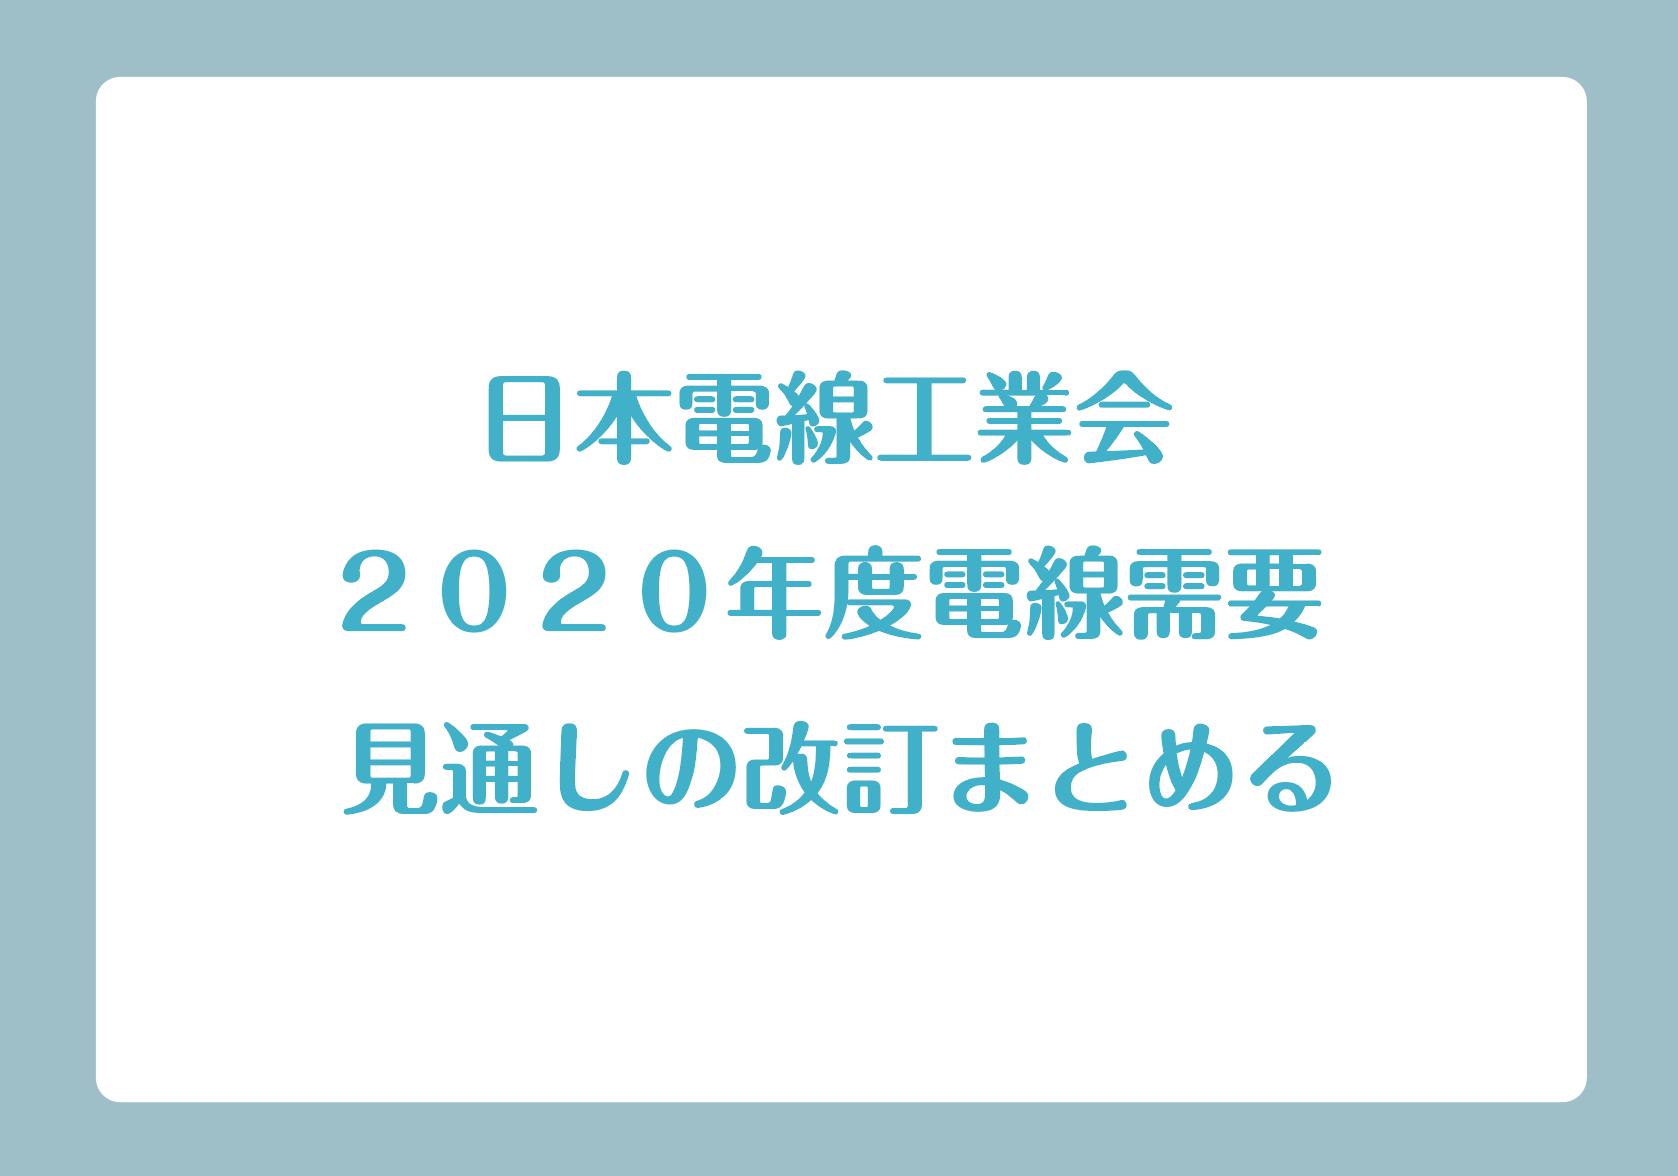 日本電線工業会 2020年度電線需要 見通しの改訂まとめるの画像